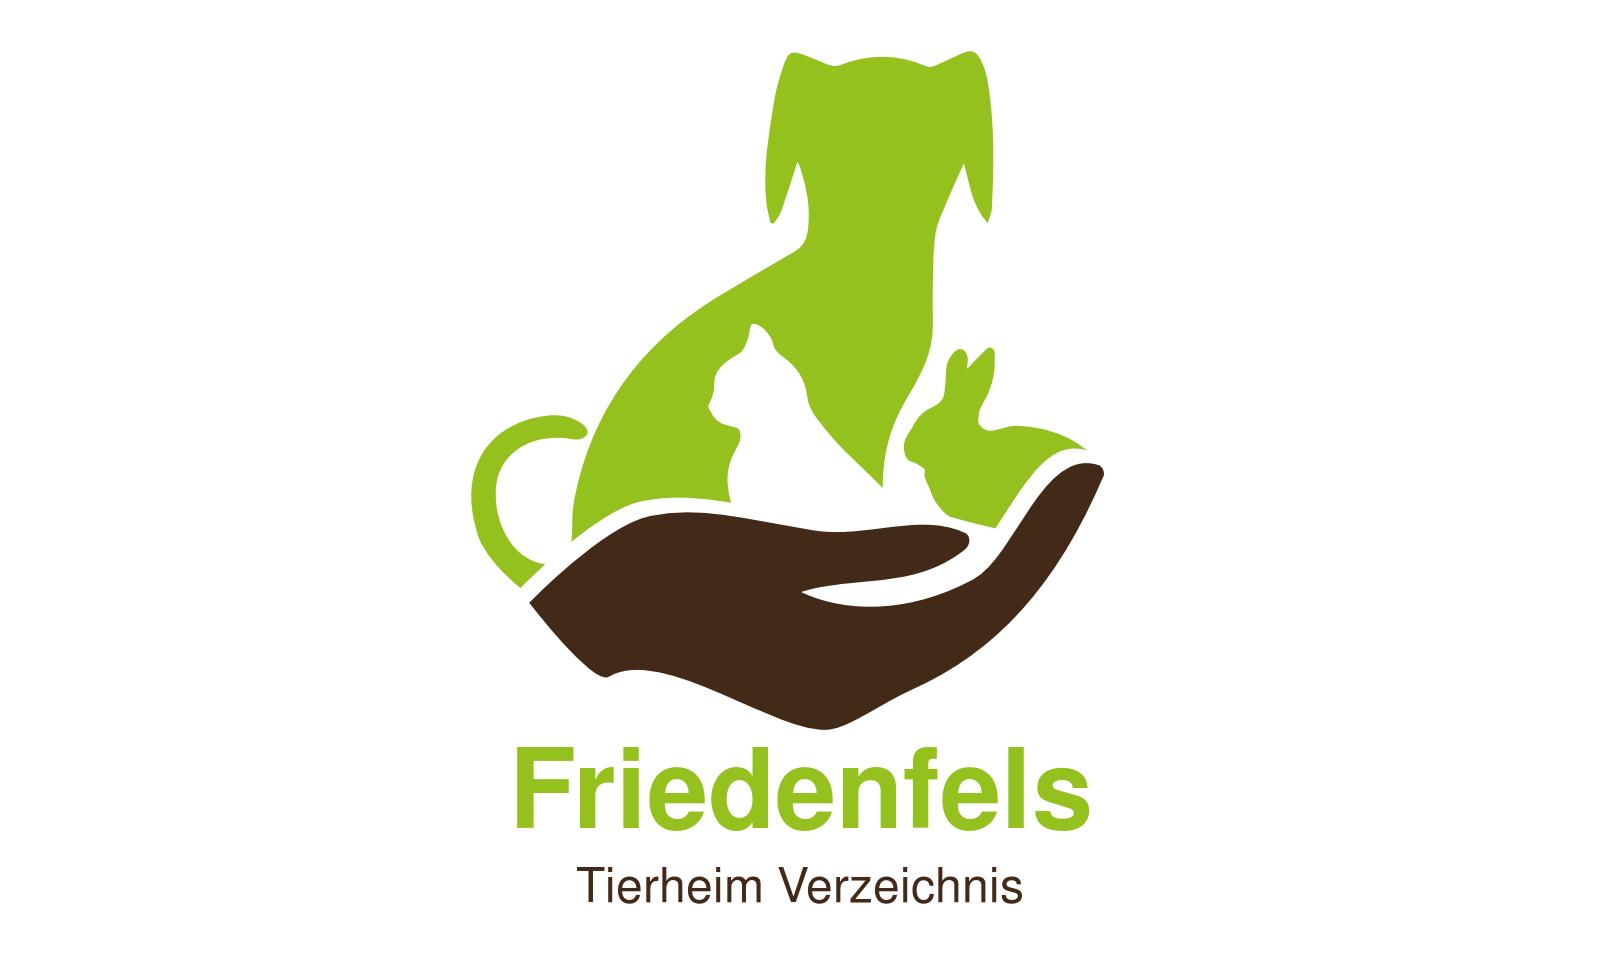 Tierheim Friedenfels